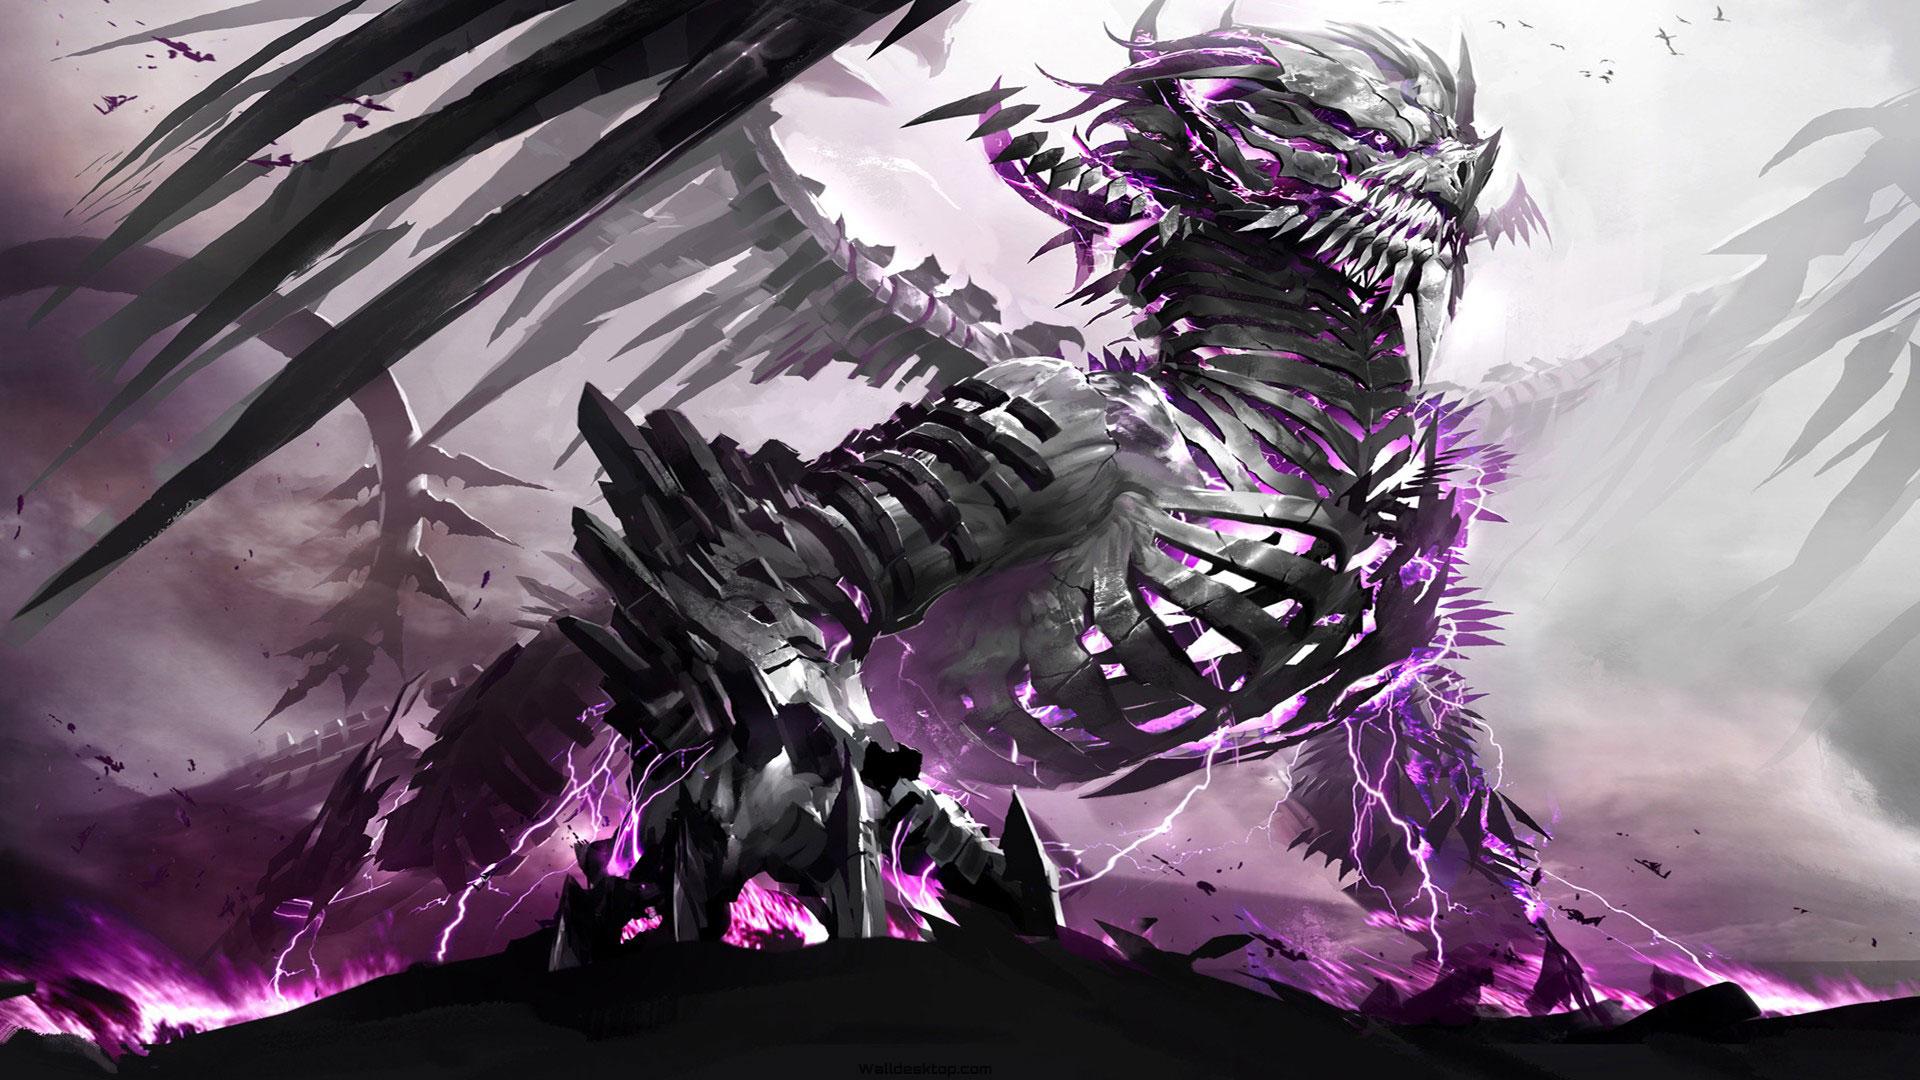 Anime Dragon Steel Desktop Hd Wallpaper Lantre De Zarctus X